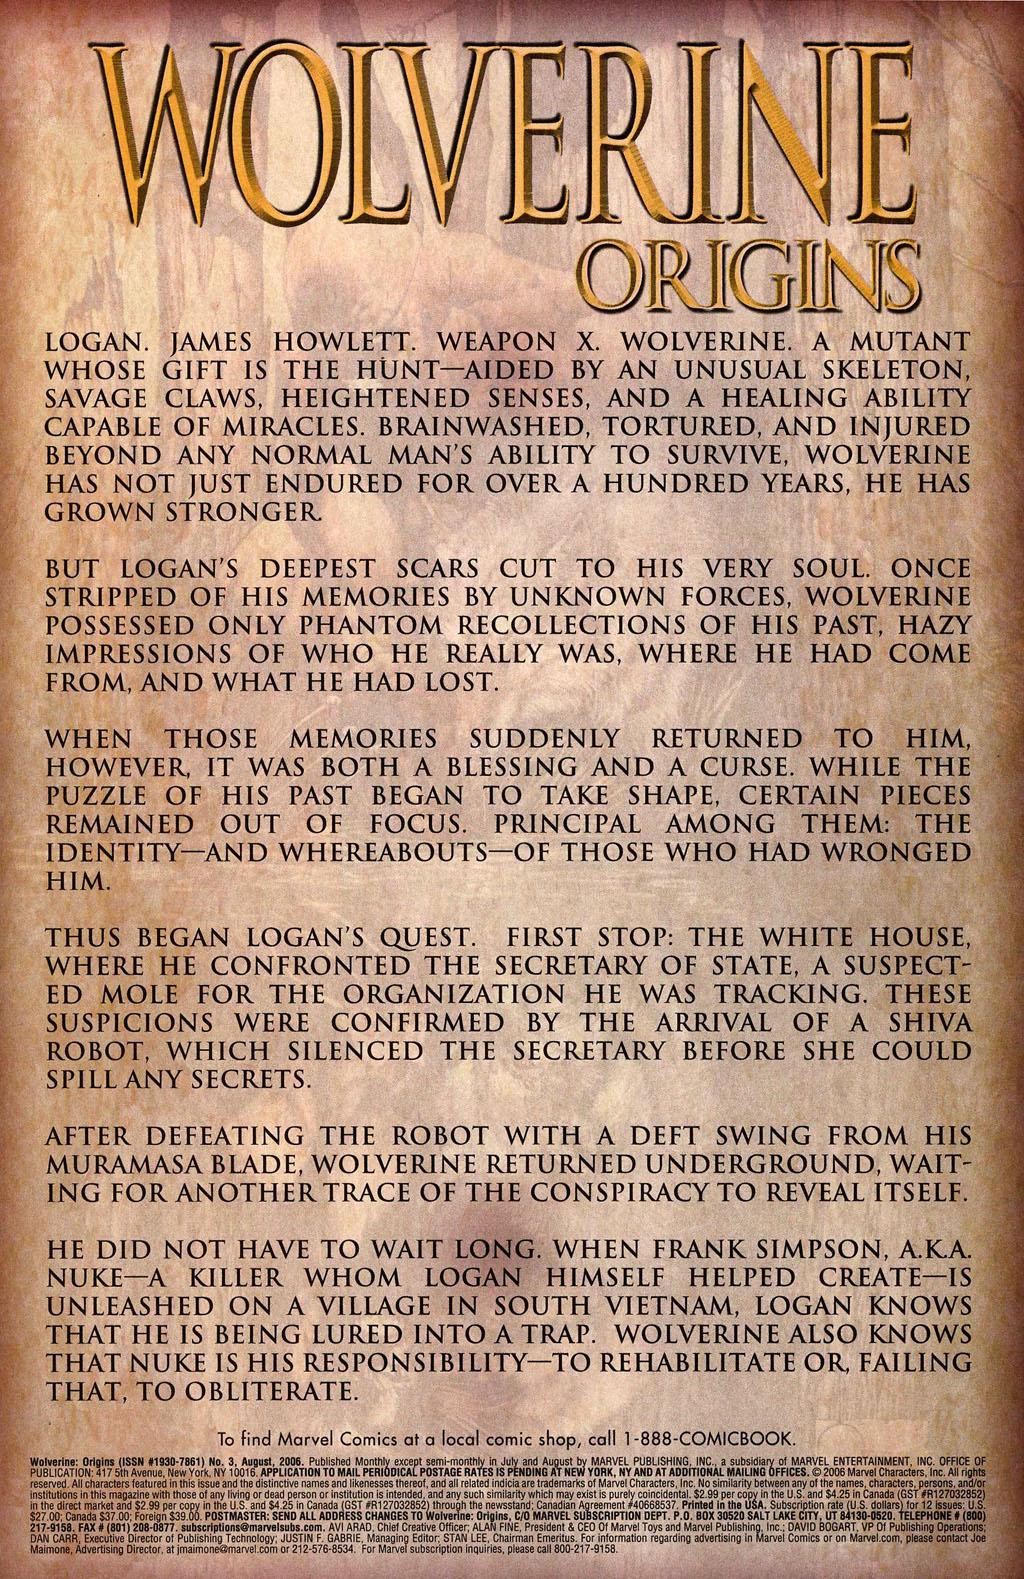 Read online Wolverine: Origins comic -  Issue #3 - 2